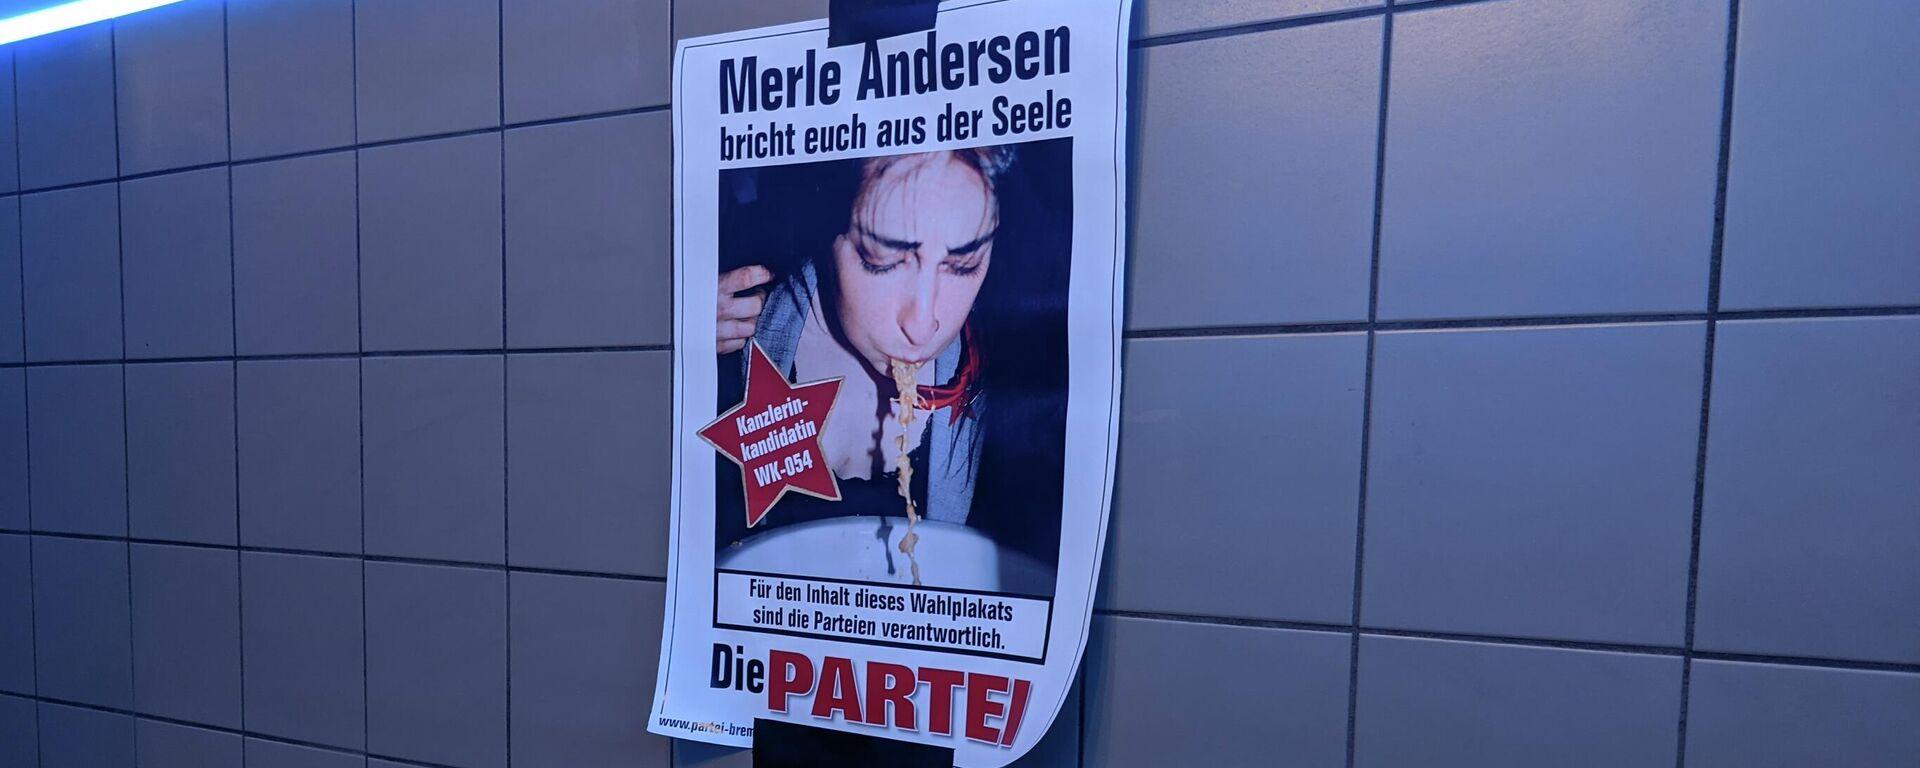 """Die """"Partei"""" nach Berlin-Wahl - SNA, 1920, 28.09.2021"""